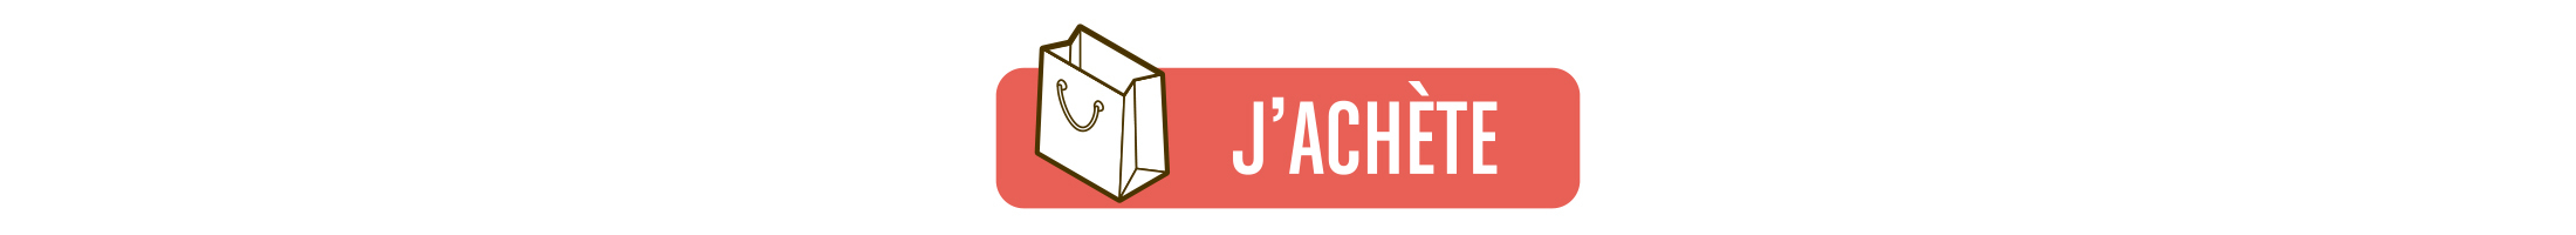 Belledonne Boutons Pains Jachete